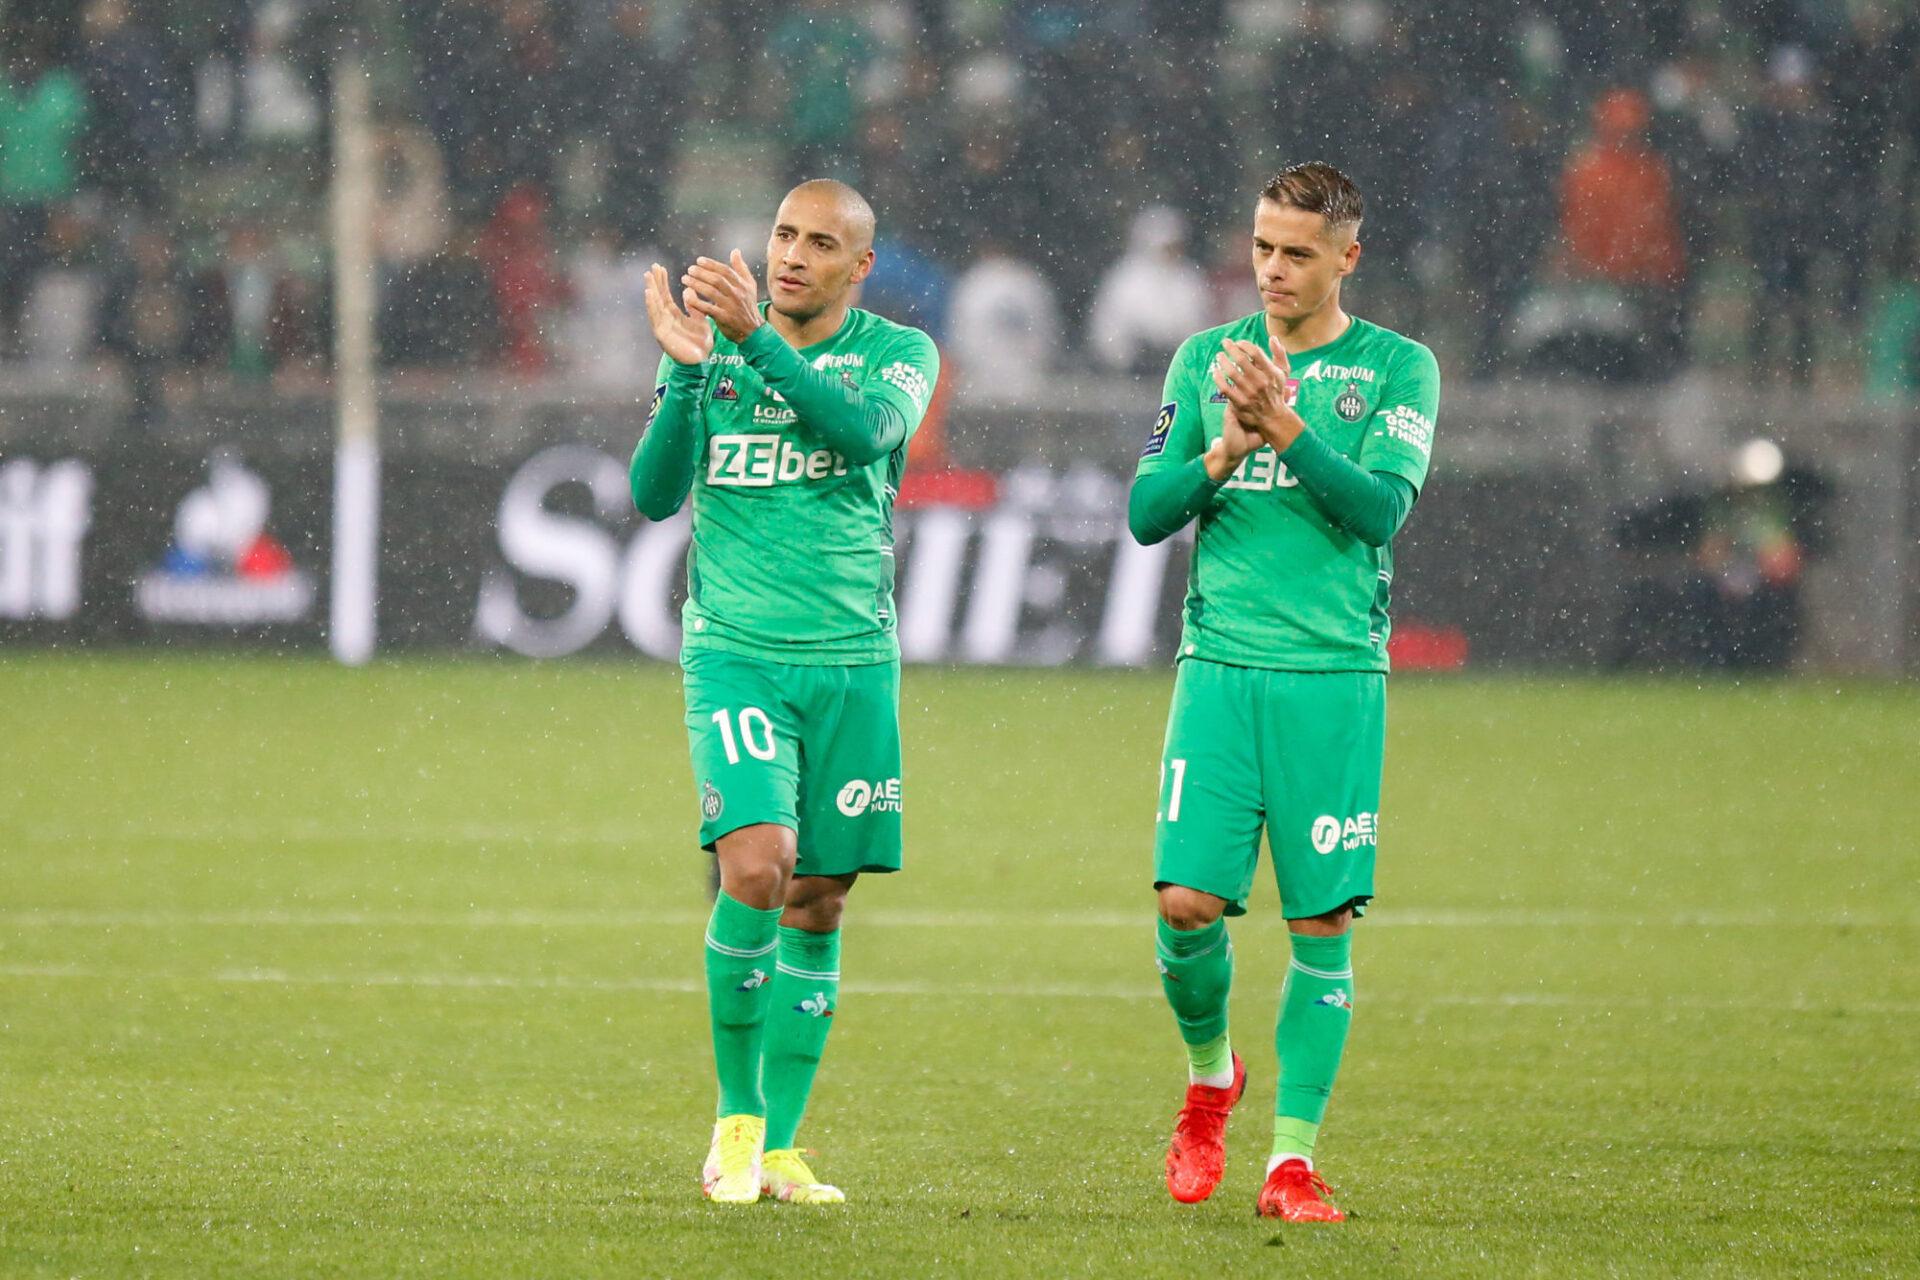 S'ils retrouvent de l'efficacité, les Verts de Wahbi Khazri et Romain Hamouma peuvent faire trembler beaucoup de défenses. Icon Sport